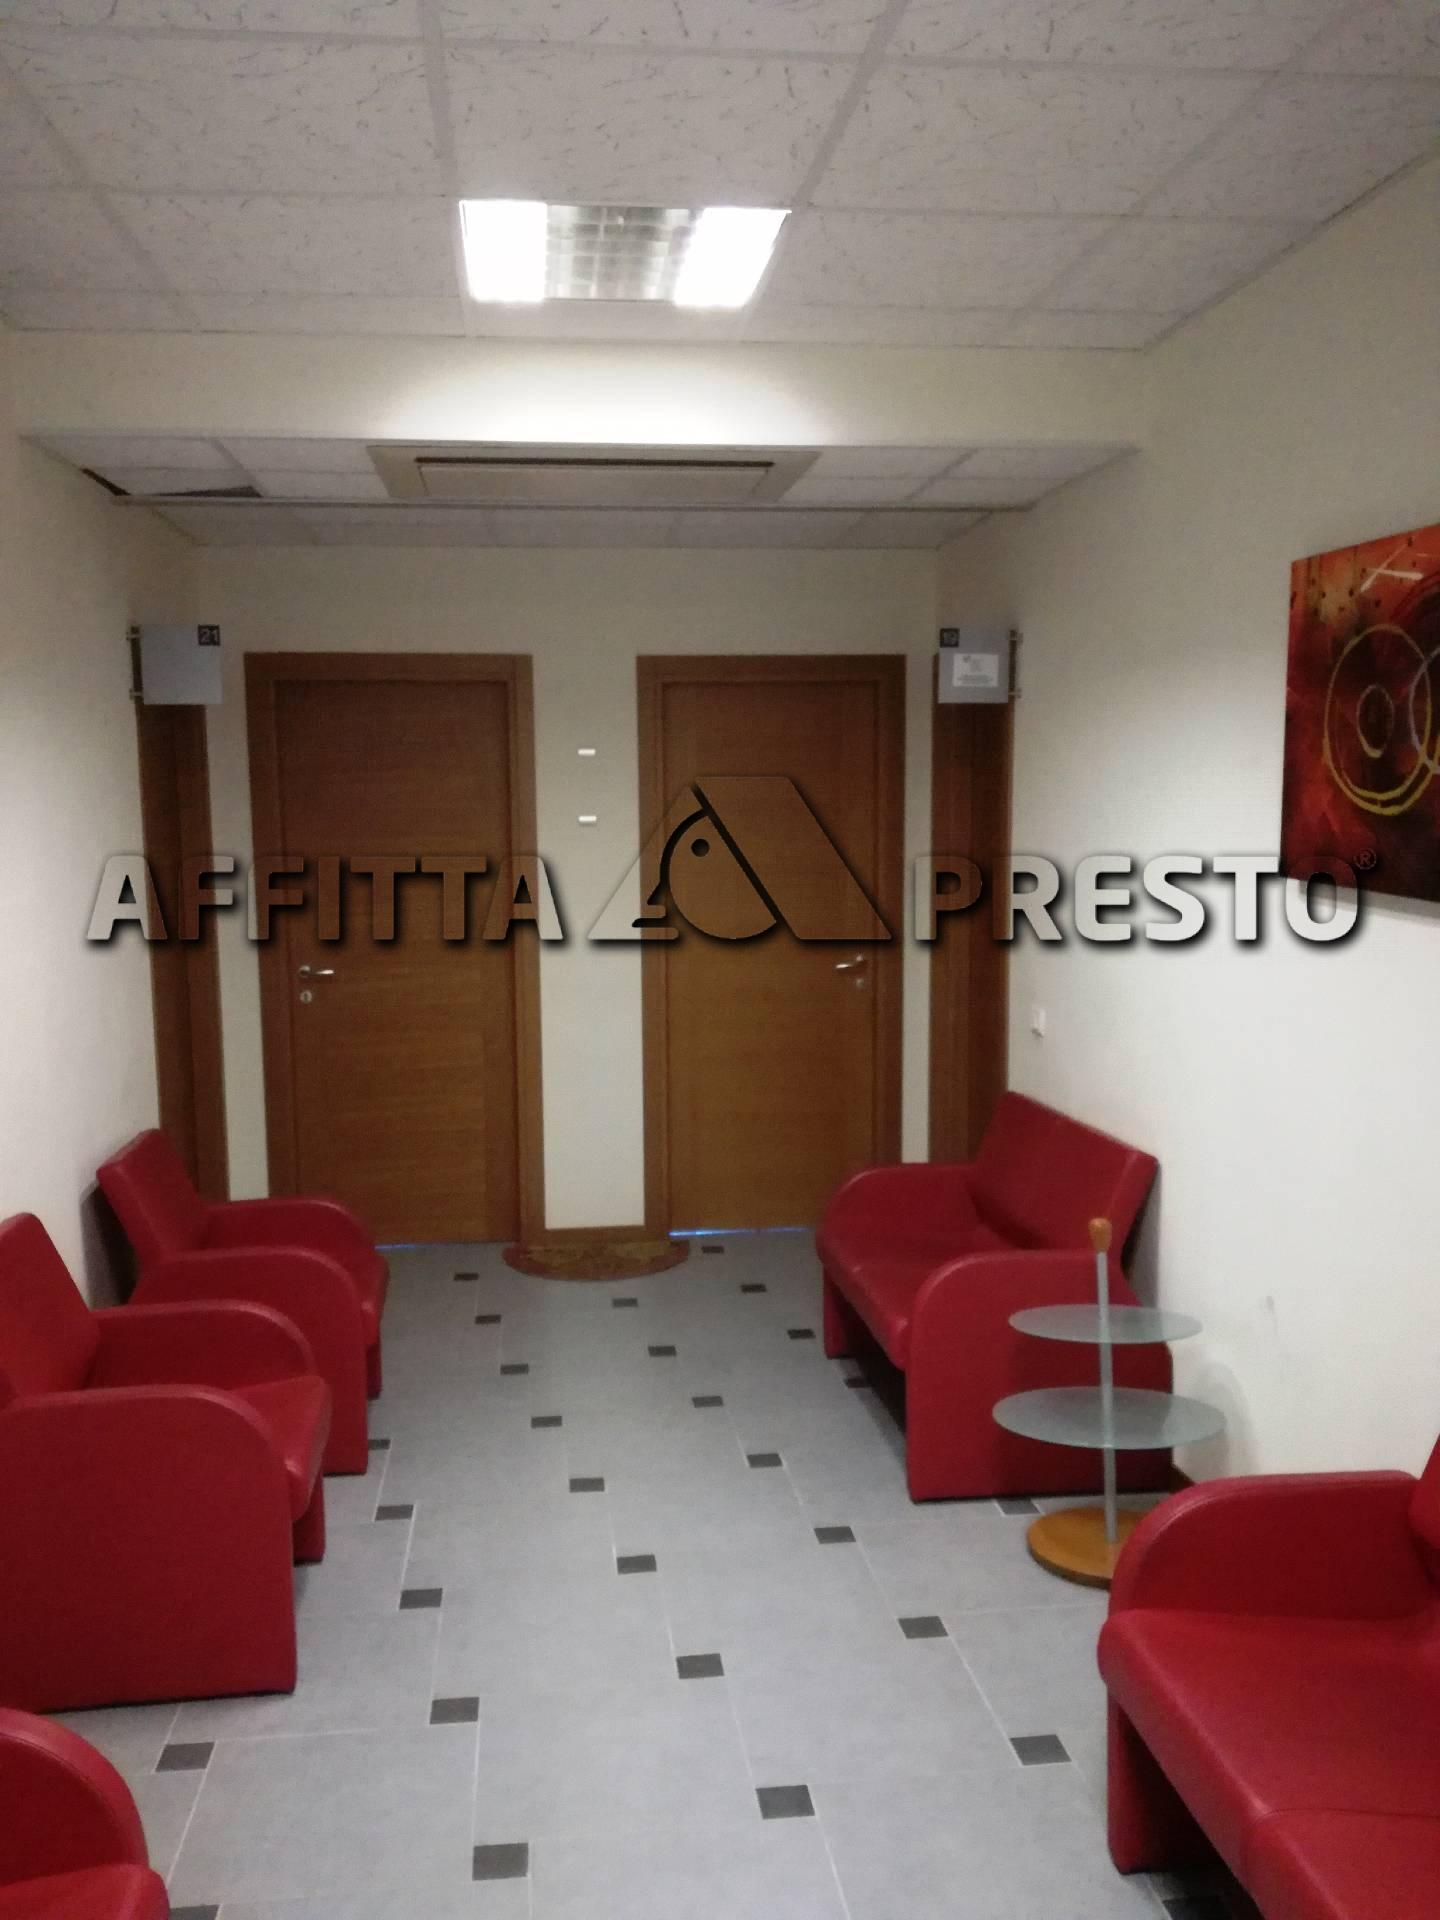 Ufficio in affitto a Lavoria, Crespina Lorenzana (PI)